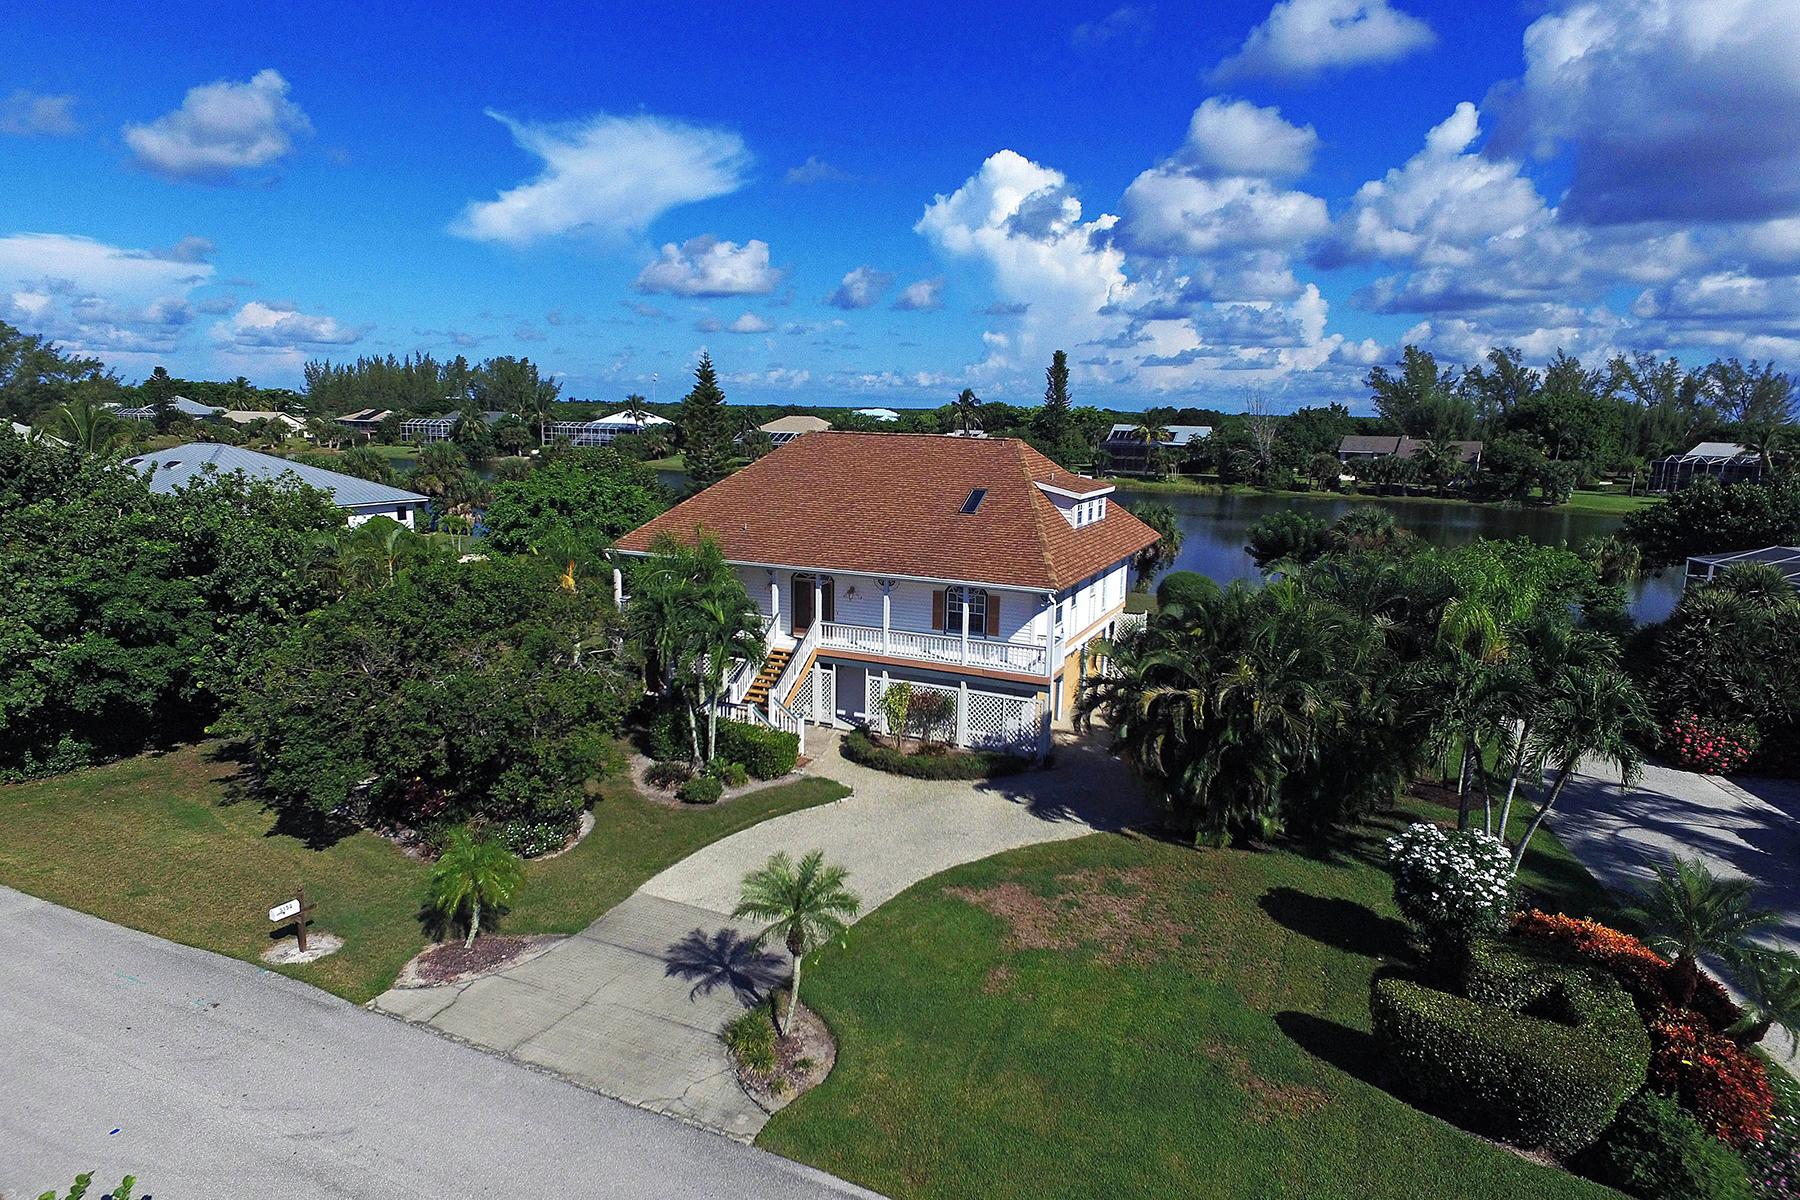 独户住宅 为 销售 在 SANIBEL 3152 Twin Lakes Ln 撒你贝尔, 佛罗里达州, 33957 美国